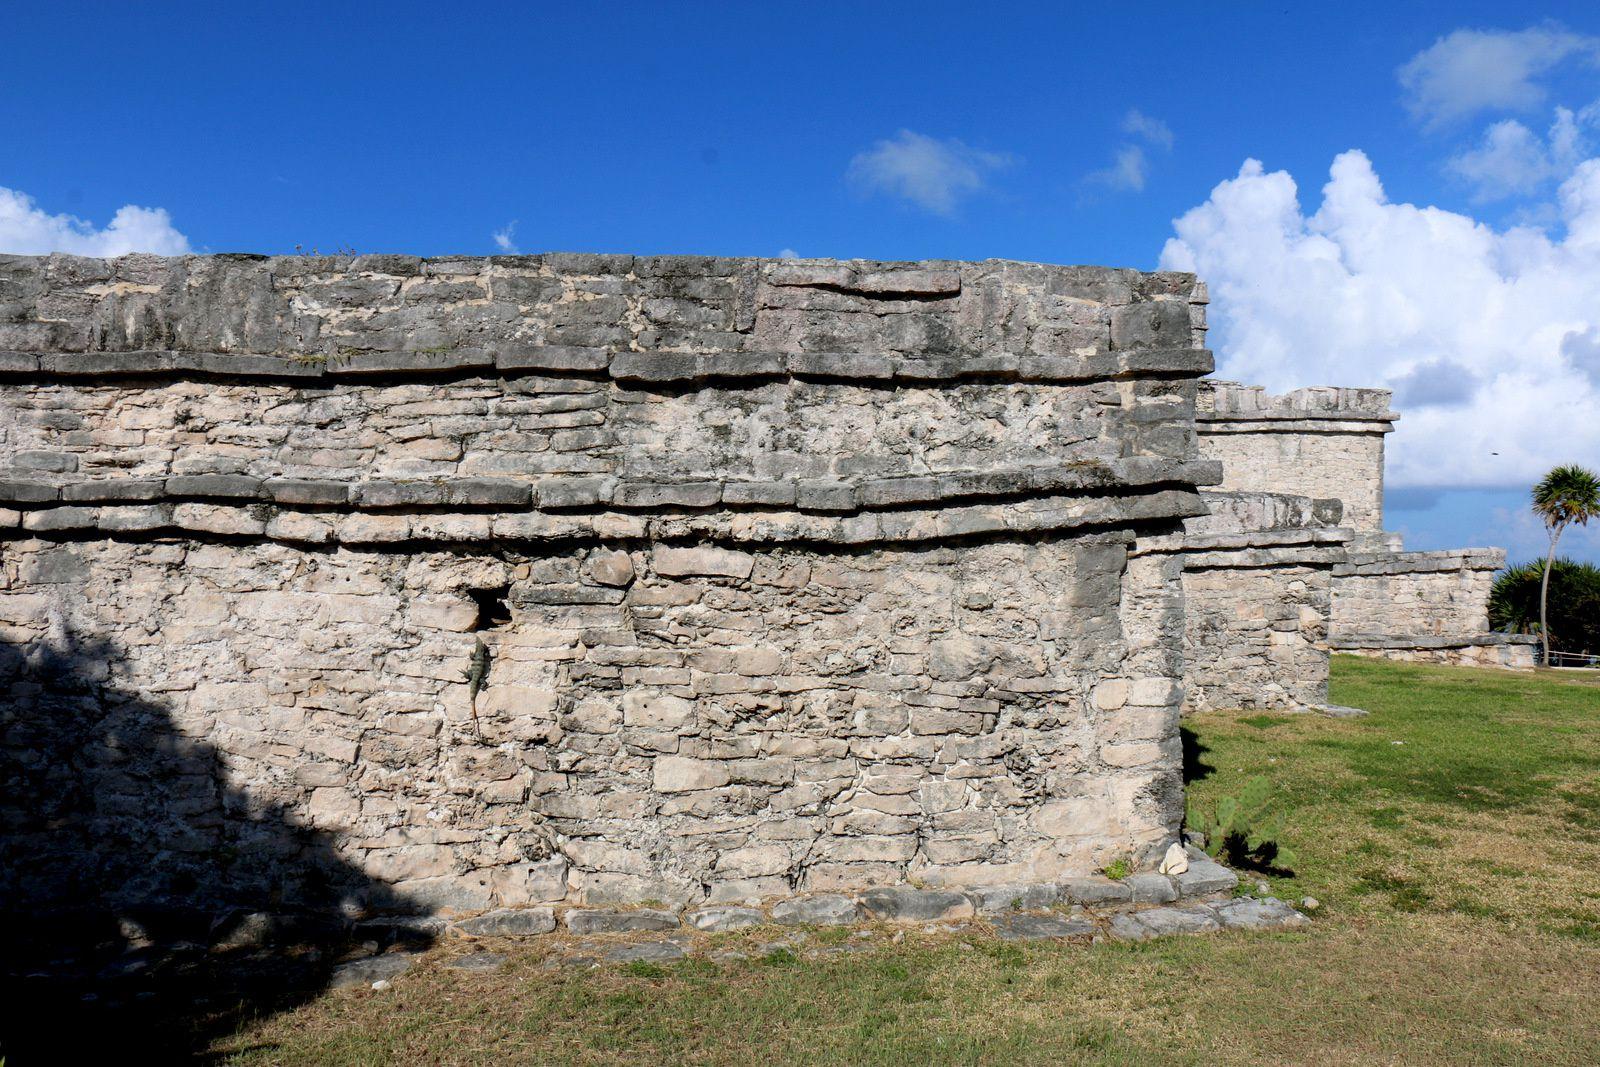 Maison des colonnes, site archéologique de Tulum (Mexique)